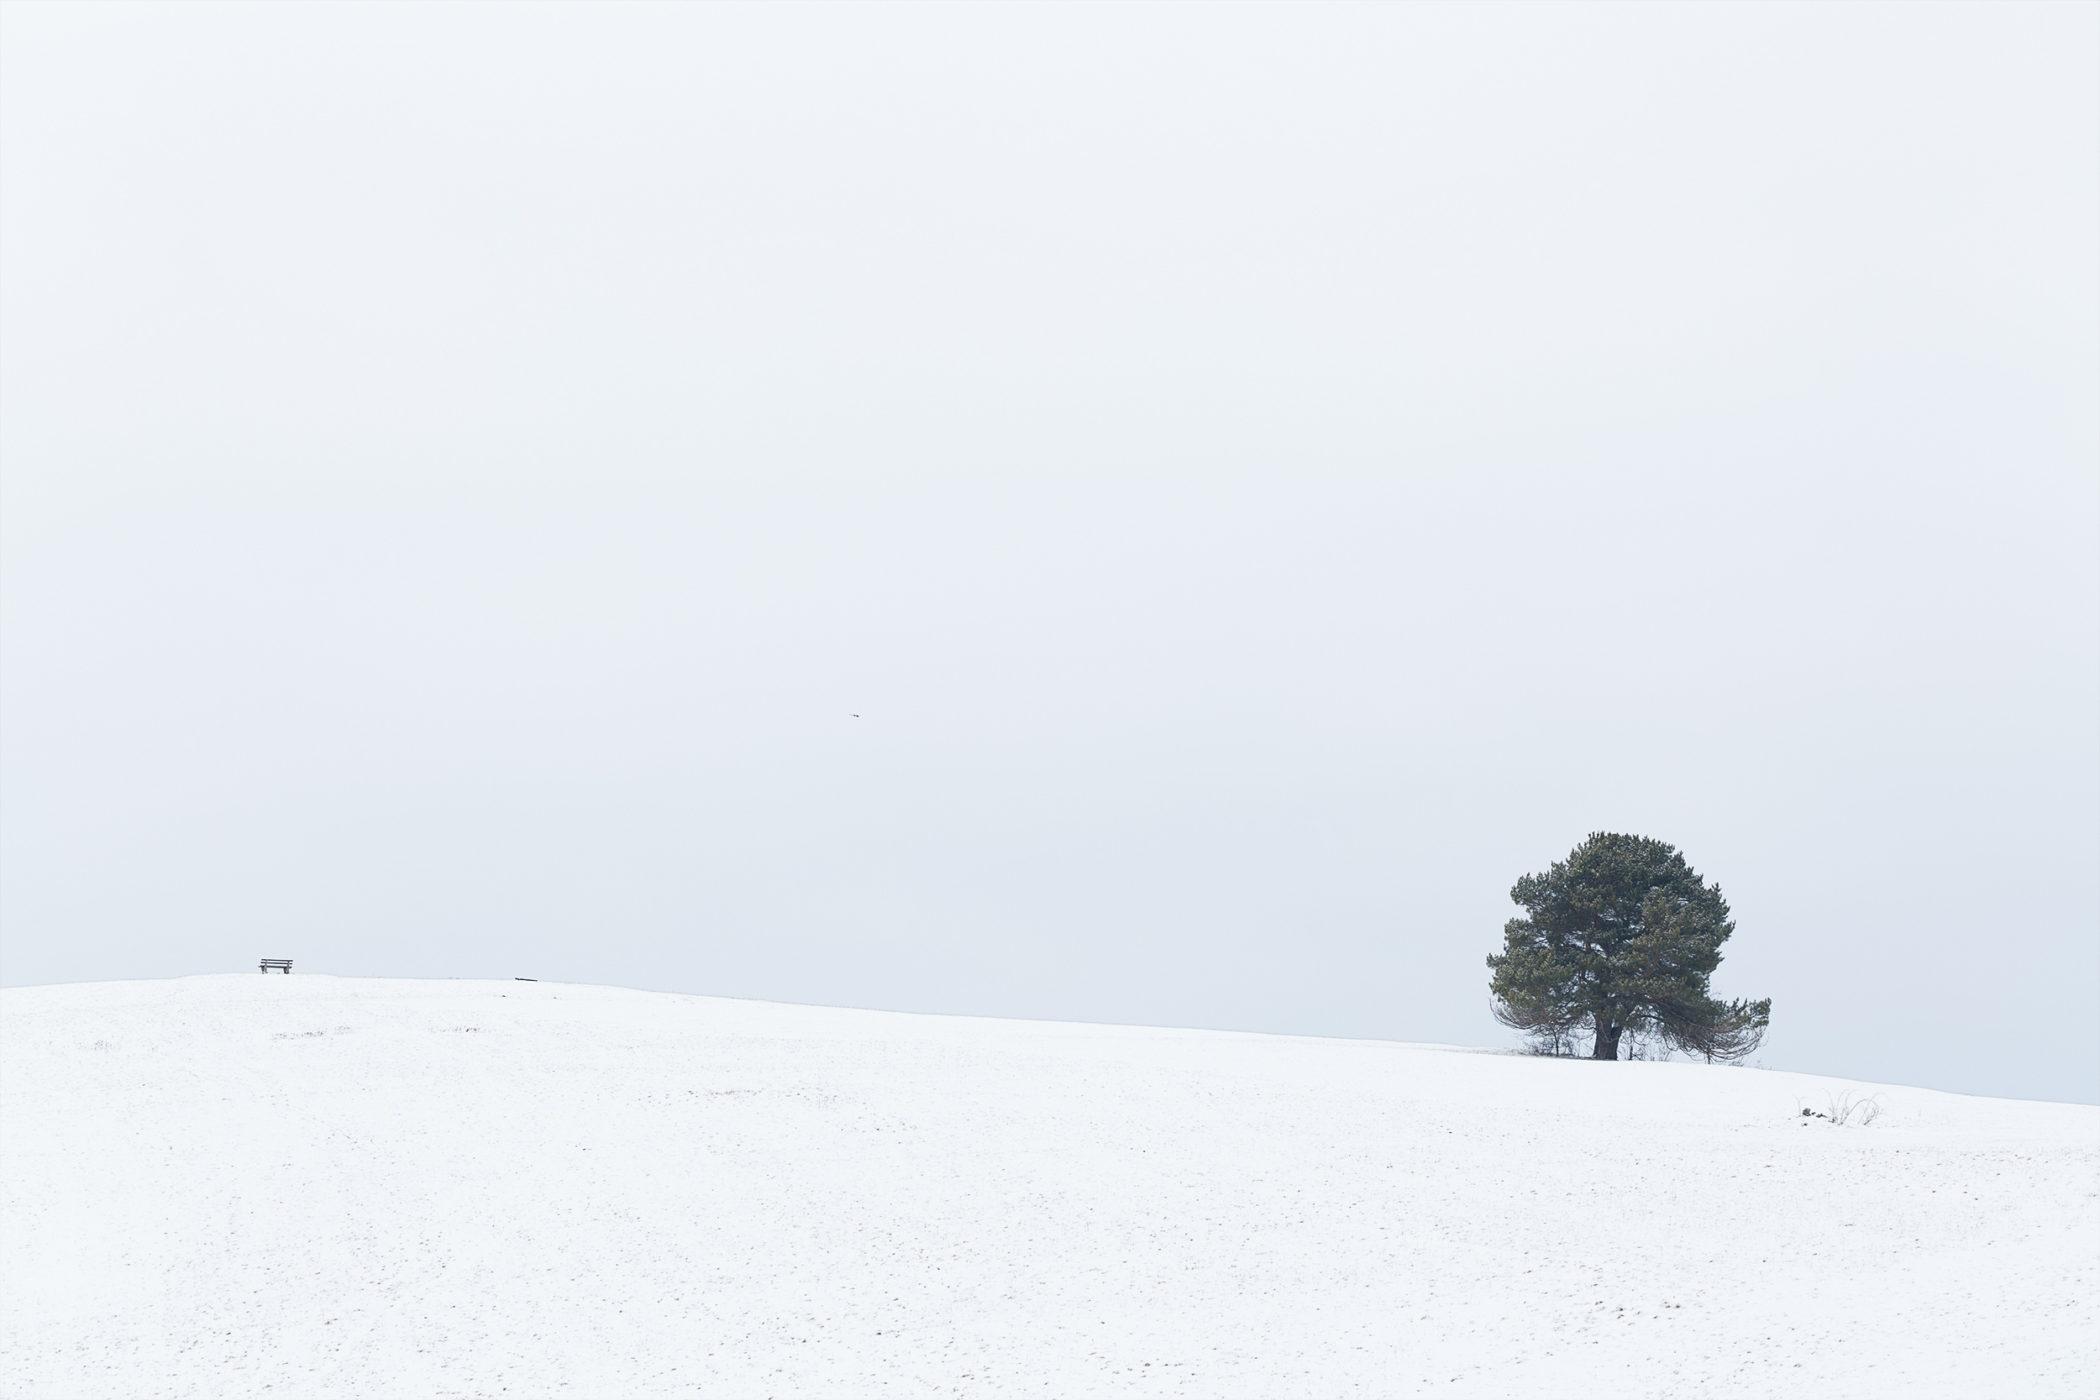 Ein freistehender Baum auf dem verschneiten Aussichtspunkt Kalkstein nahe Undingen.